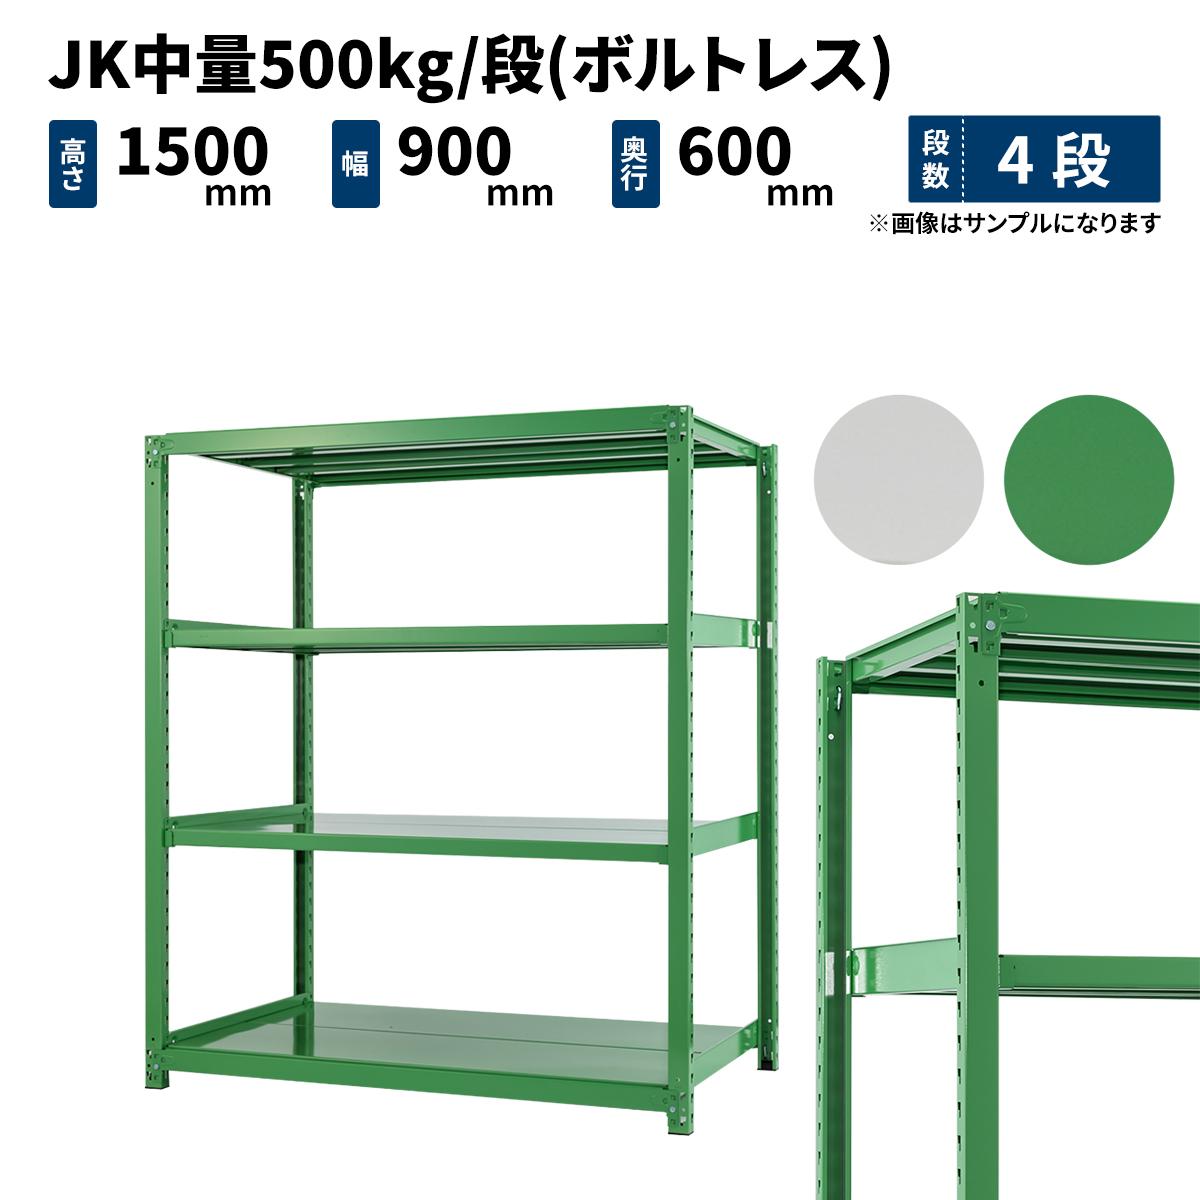 スチールラック 業務用 JK中量500kg/段(ボルトレス) 単体形式 高さ1500×幅900×奥行600mm 4段 ホワイトグレー/グリーン (54kg) JK500_T-150906-4